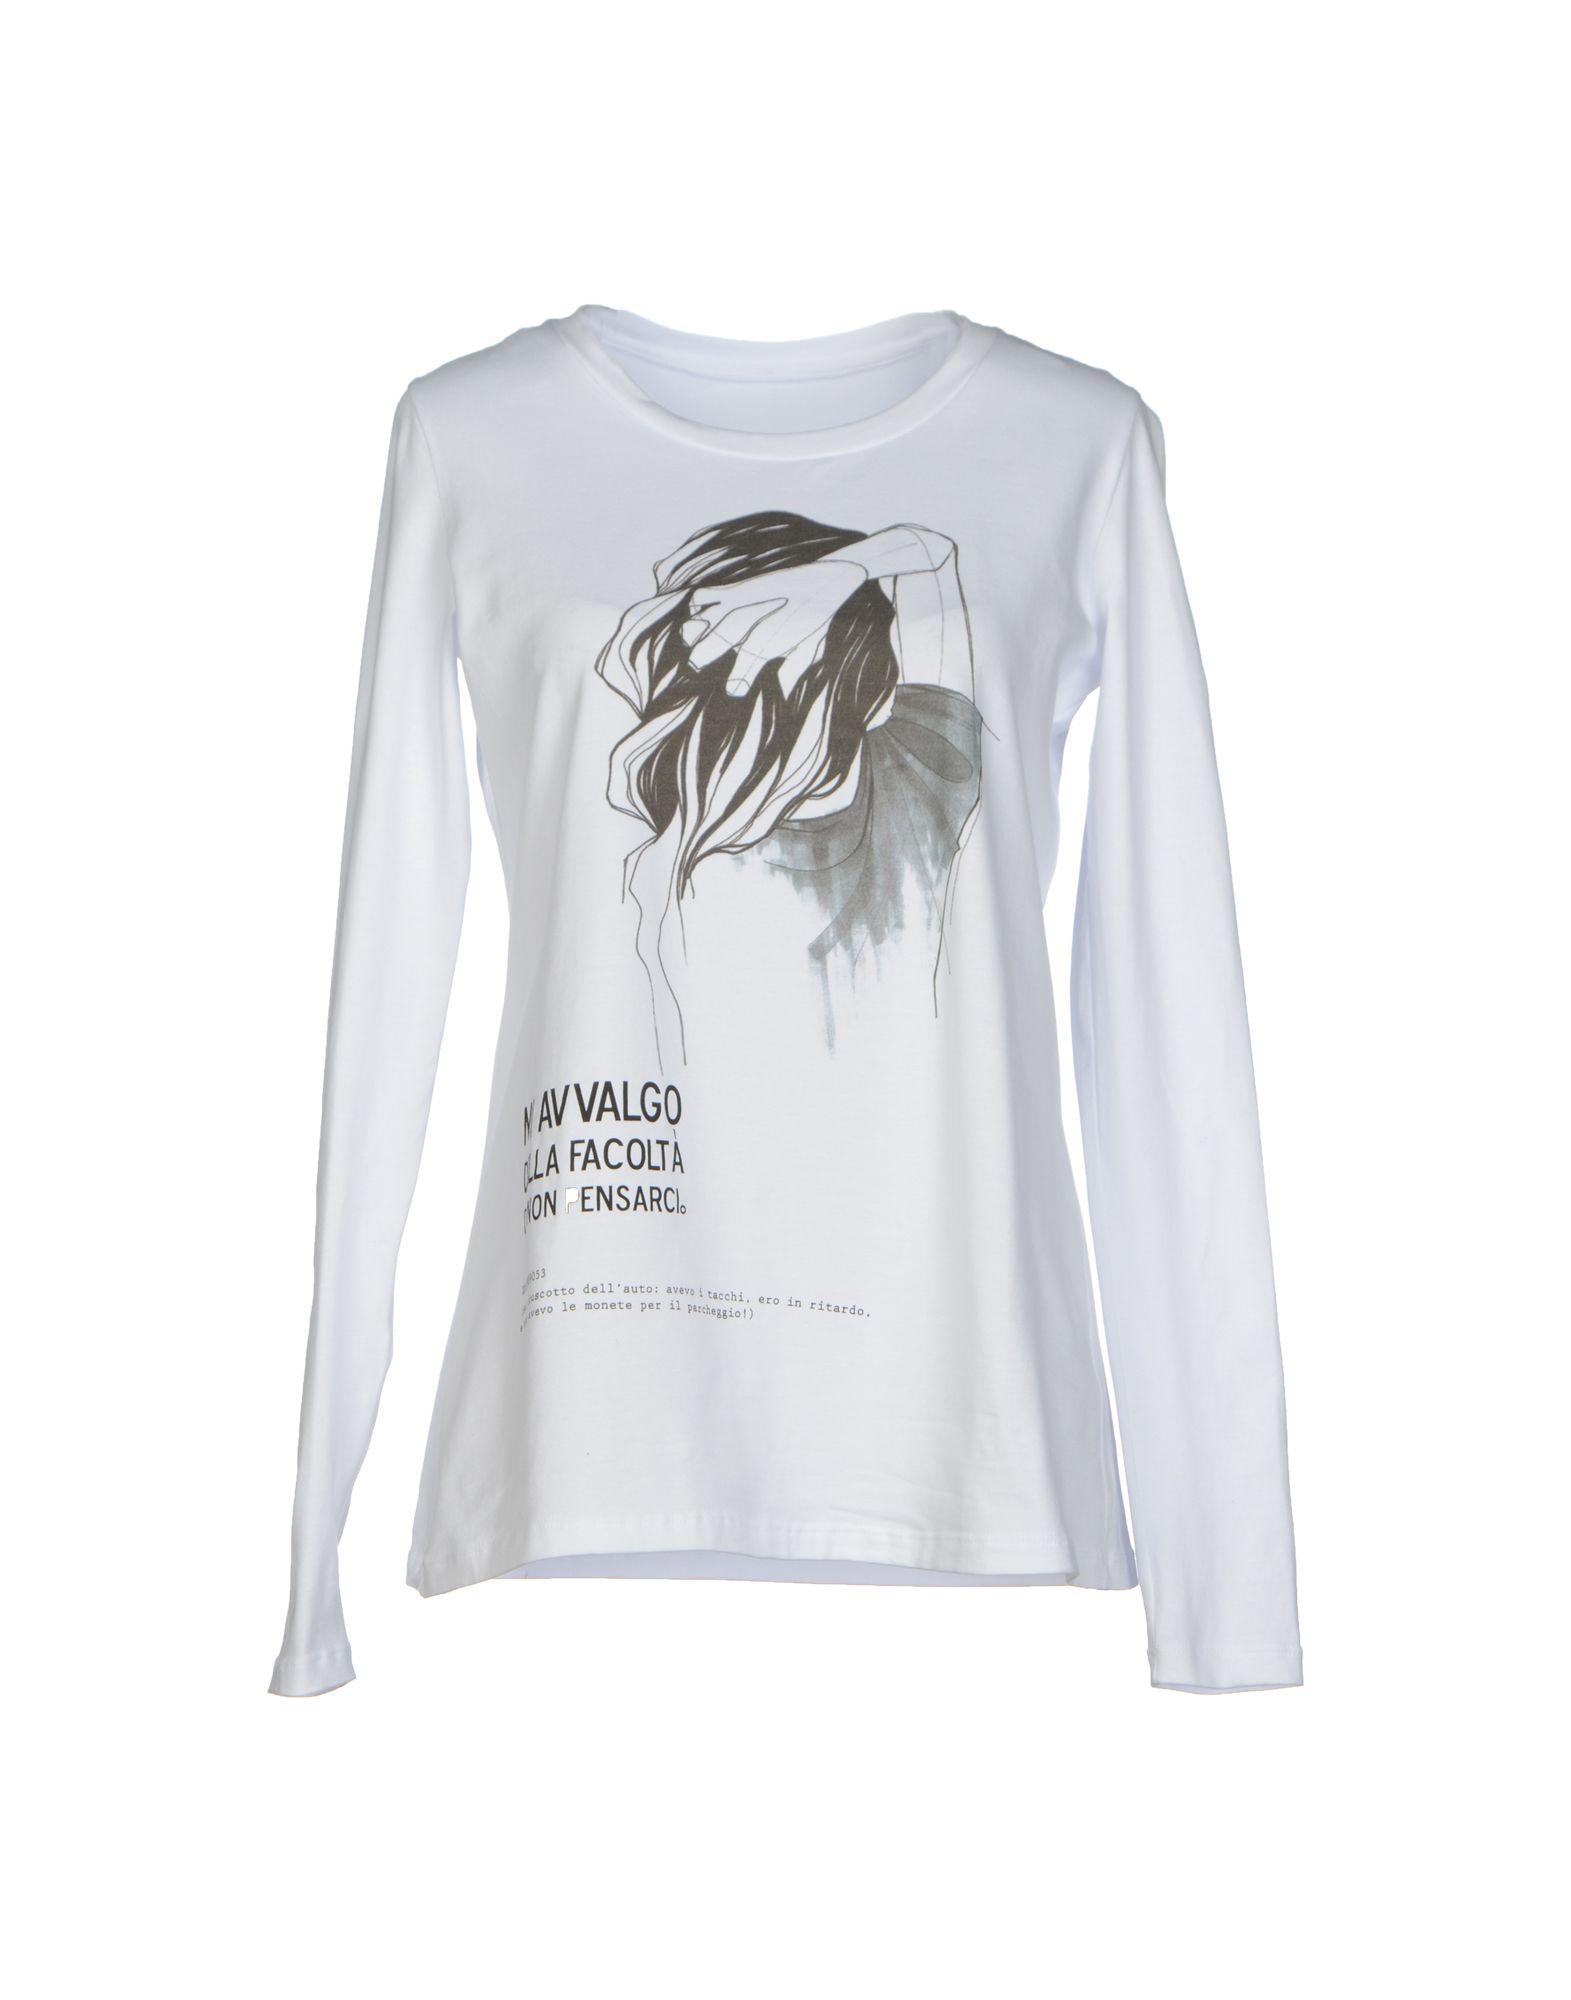 T-shirt CON DENTRO LE PAROLE BY LAVINIATURRA